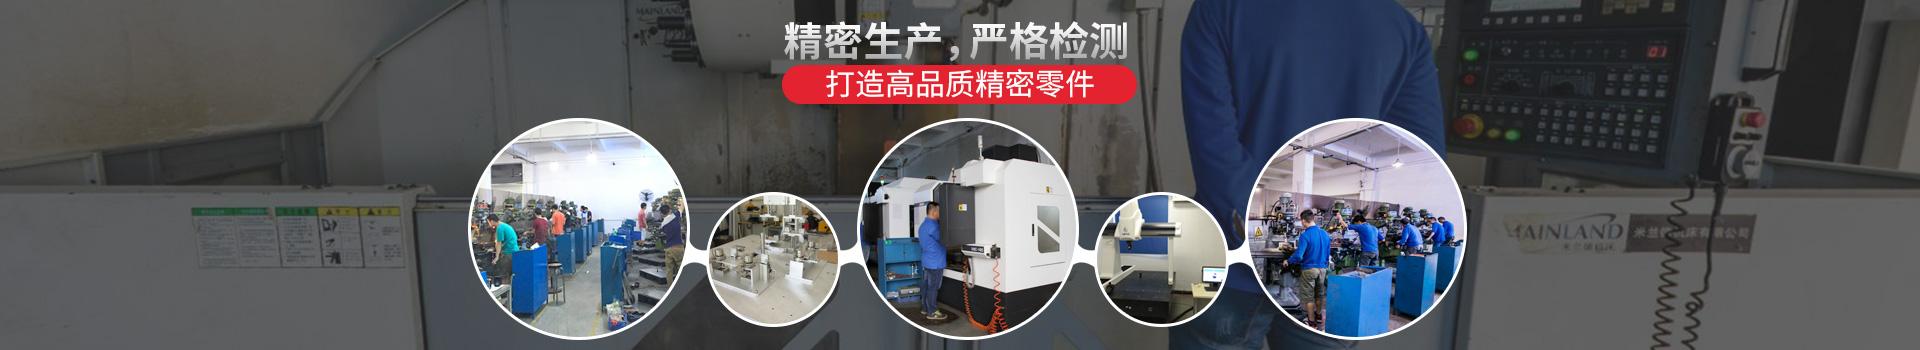 精密机械加工——精密生产,严格检测